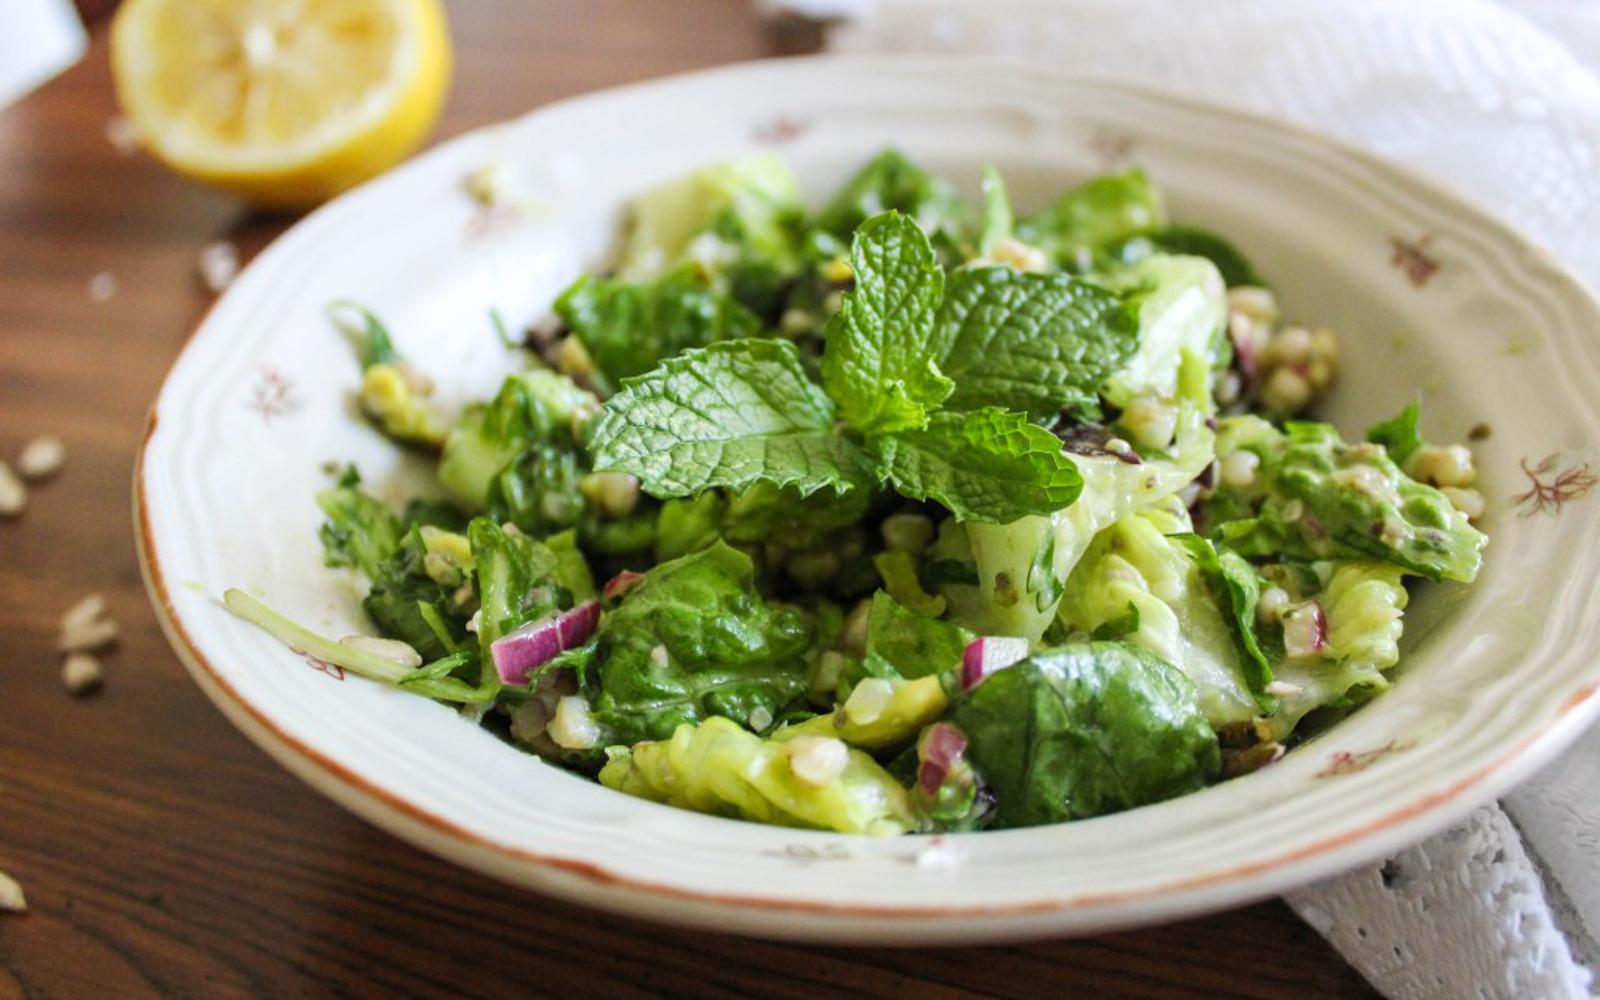 Buckwheat and Avocado Tabbouleh